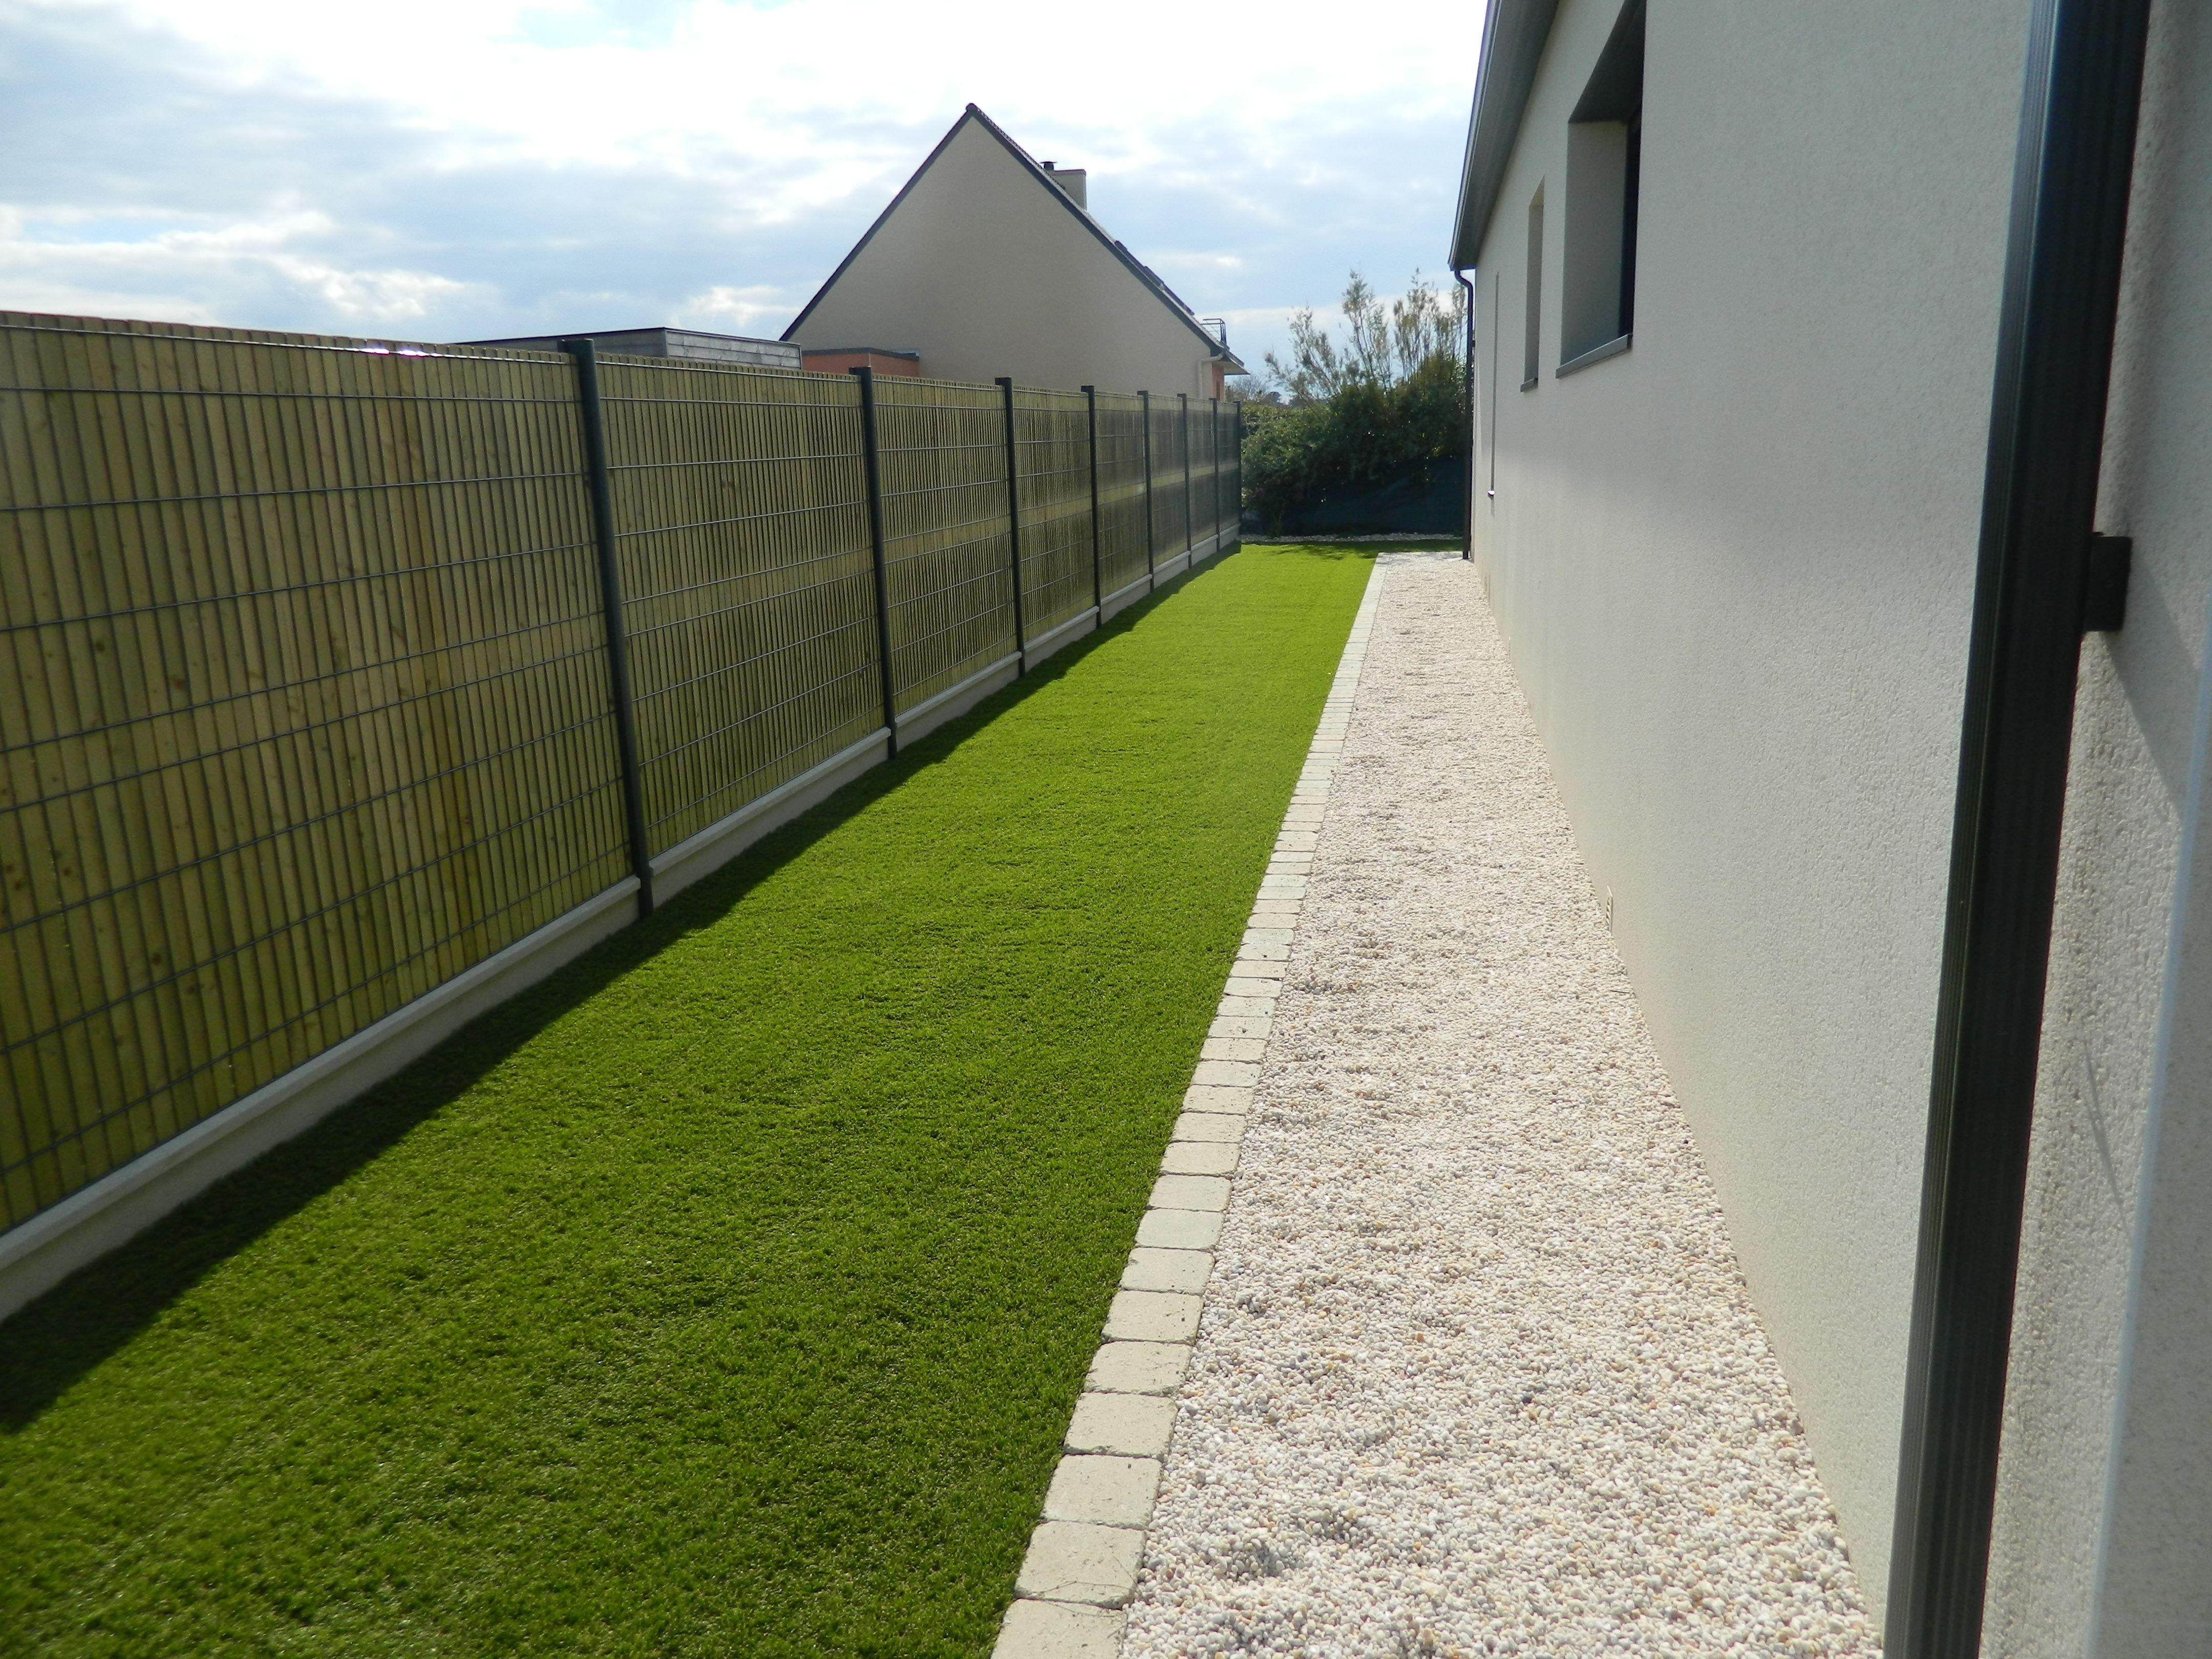 Jardins Et Clotures D Armor clôture grillage rigide occultation en bois pin traité cl4